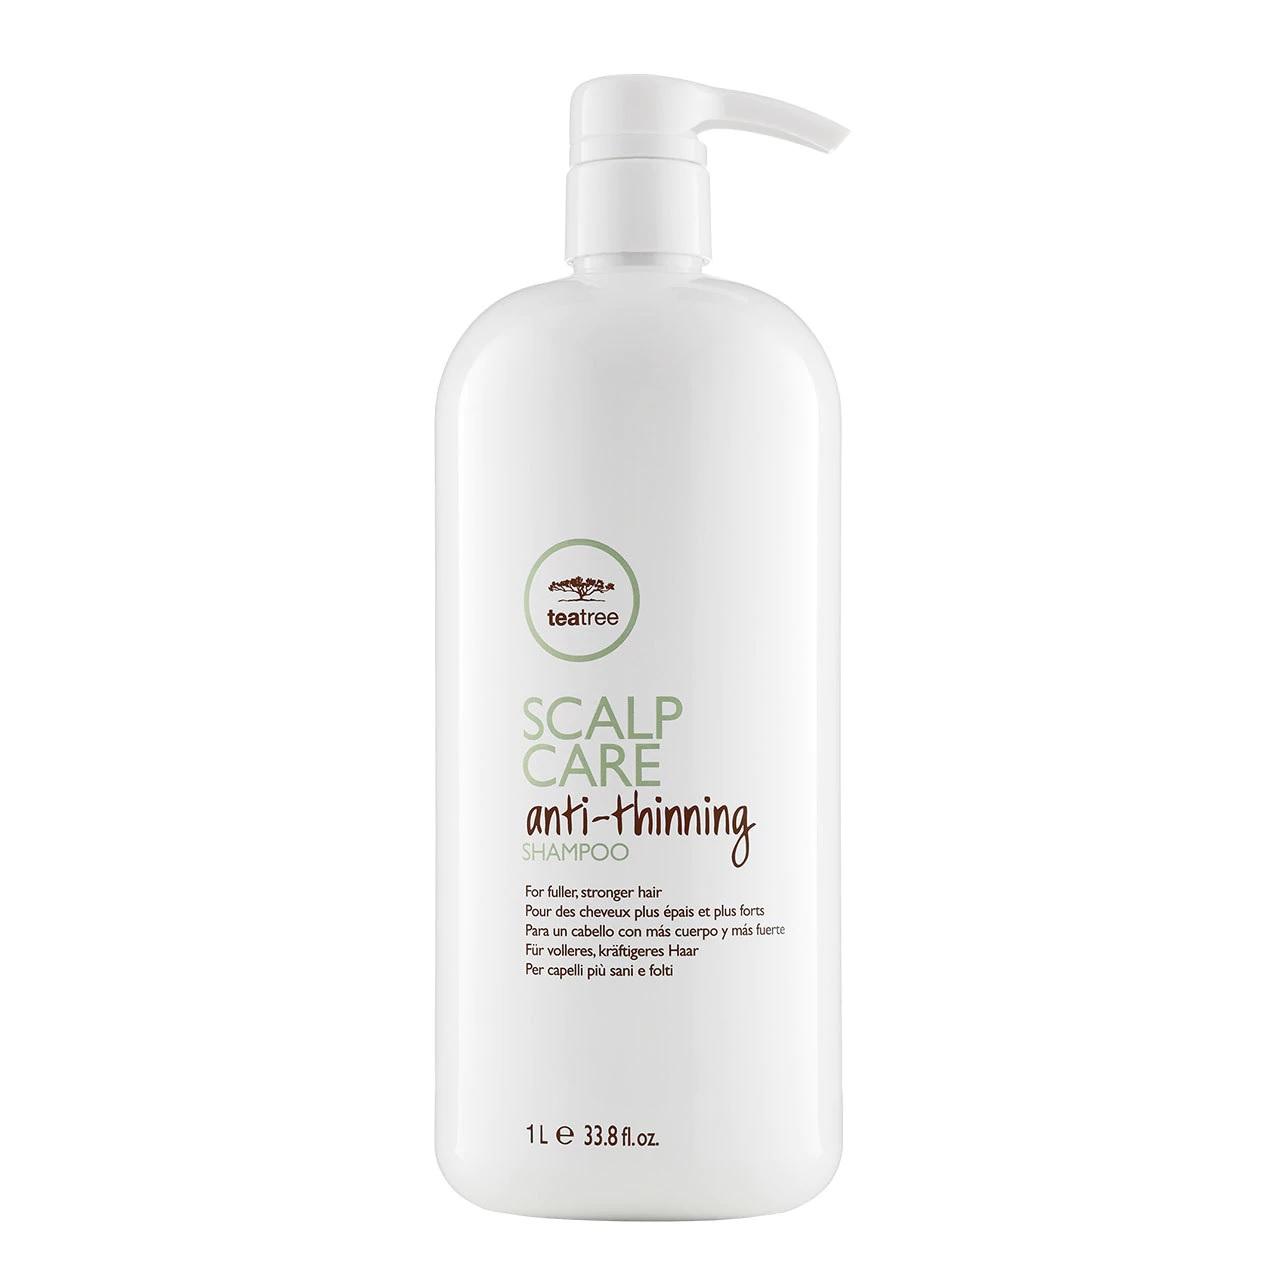 Tt Anti Thinning Shampoo 338 Oz Tats 999 7776099 Nazih Cosmetics